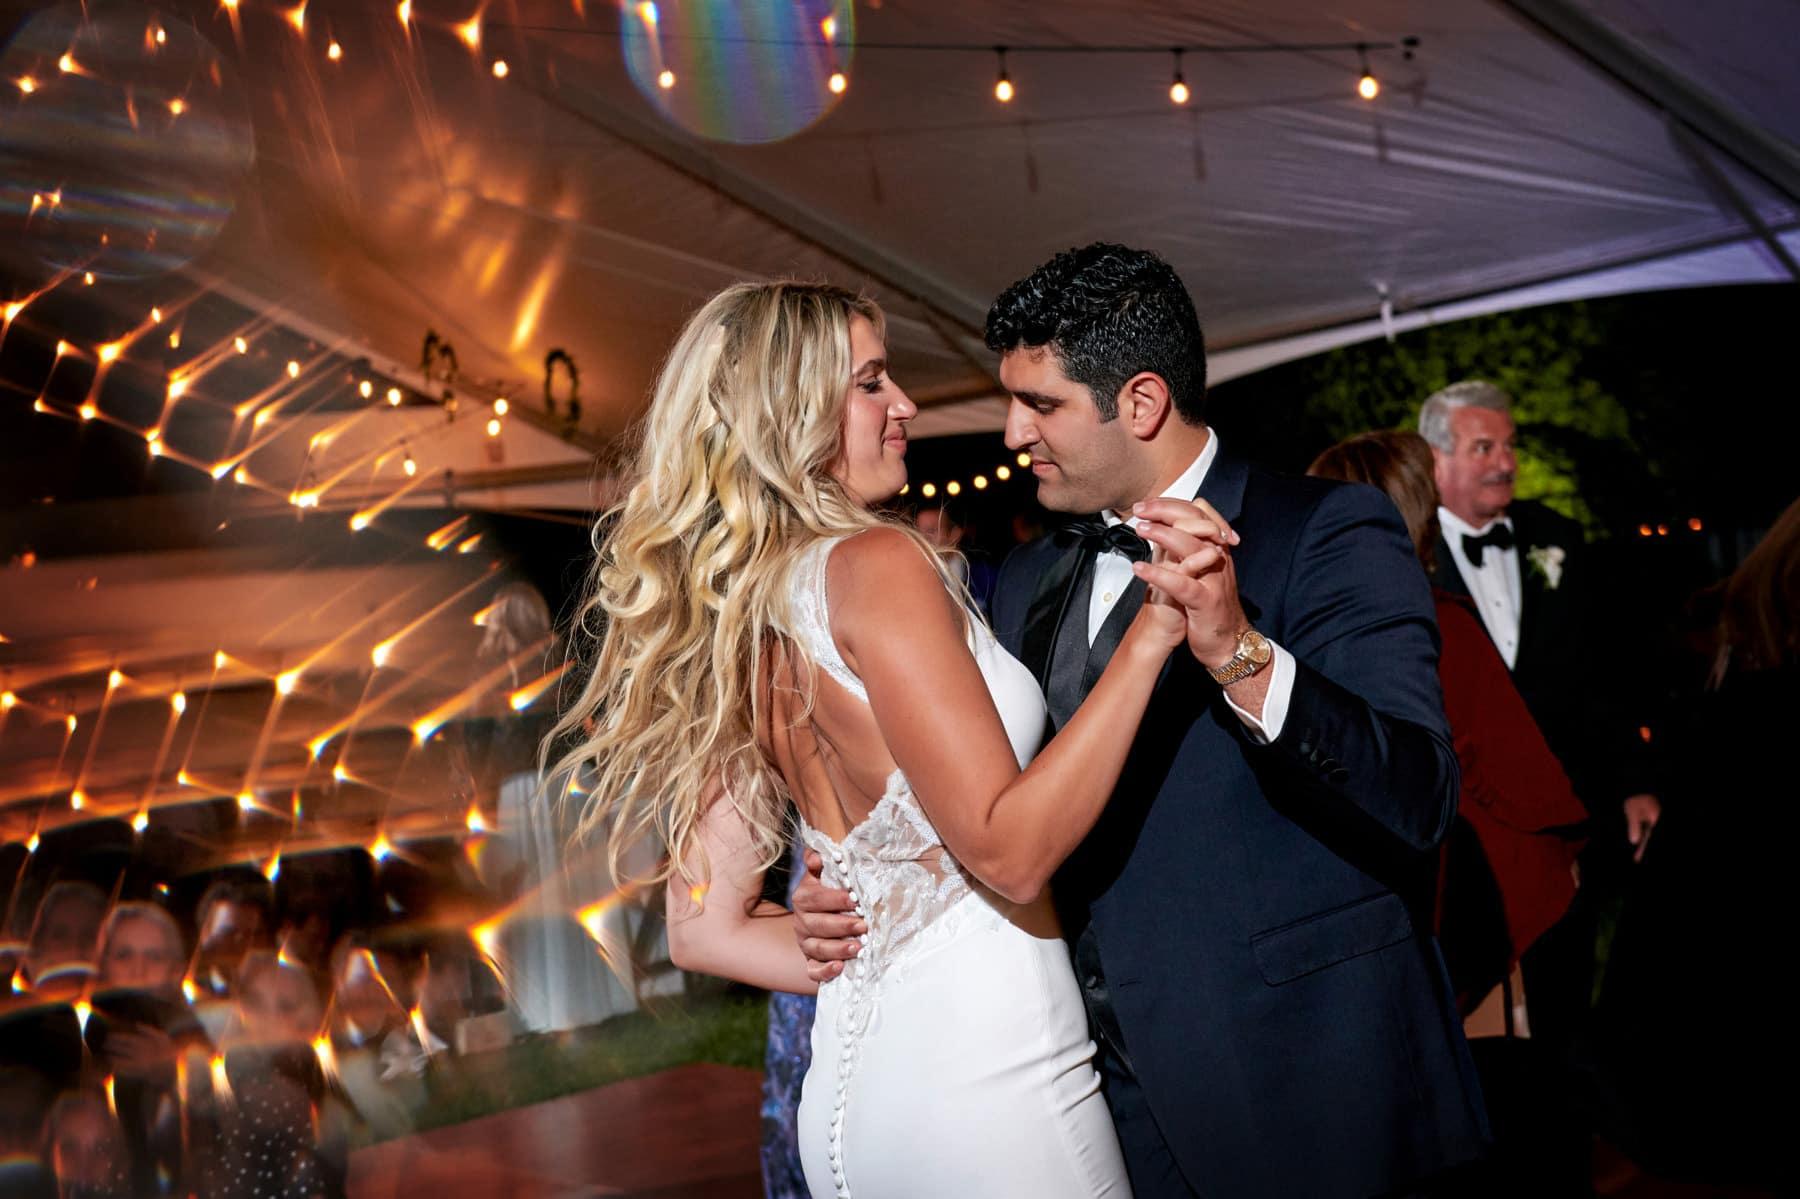 nj backyard wedding bride and groom dancing photo